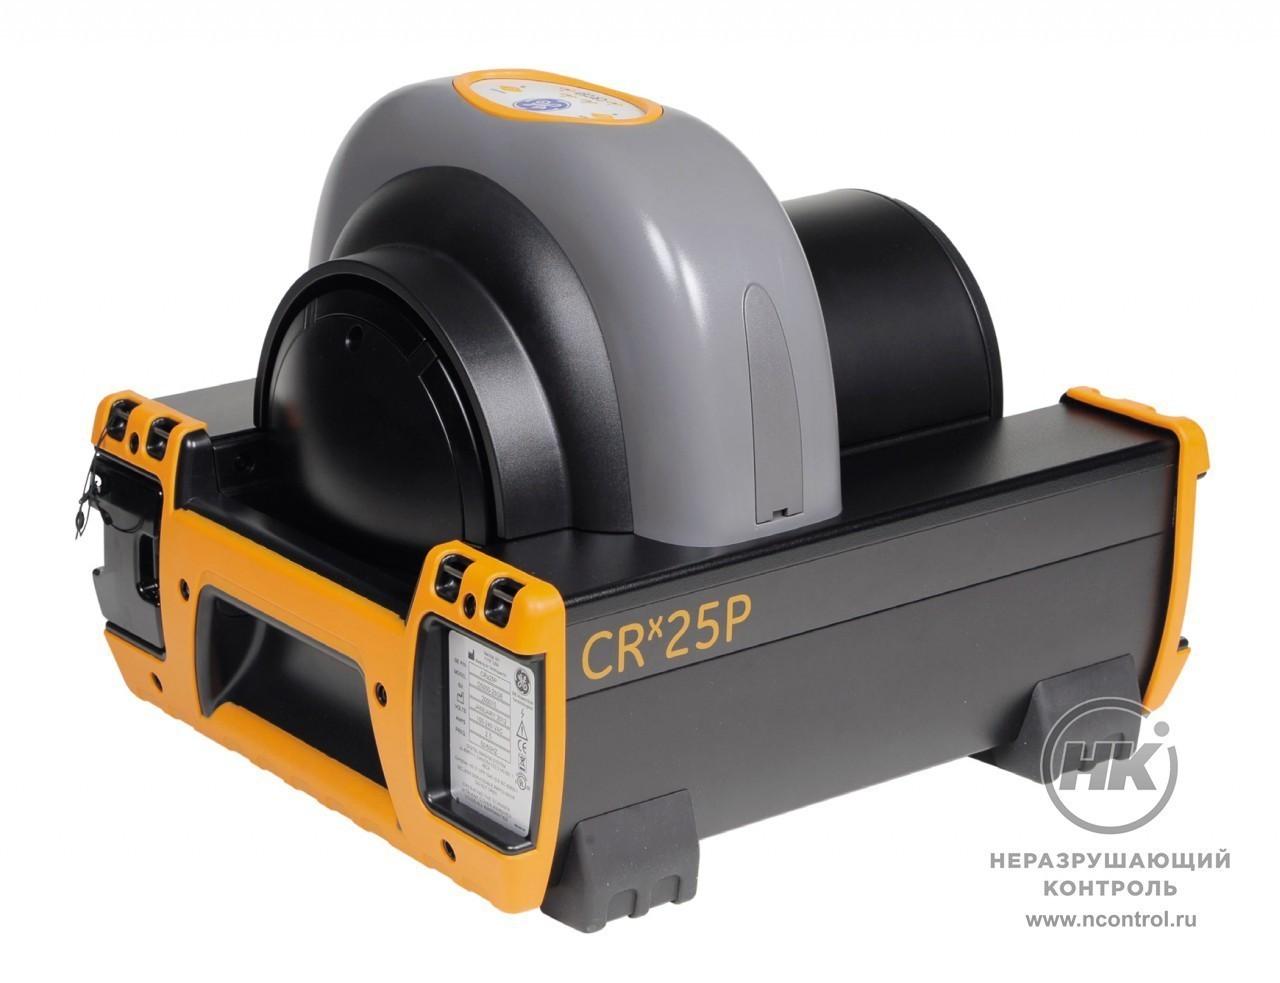 Комплекс цифровой радиографии CRx25P